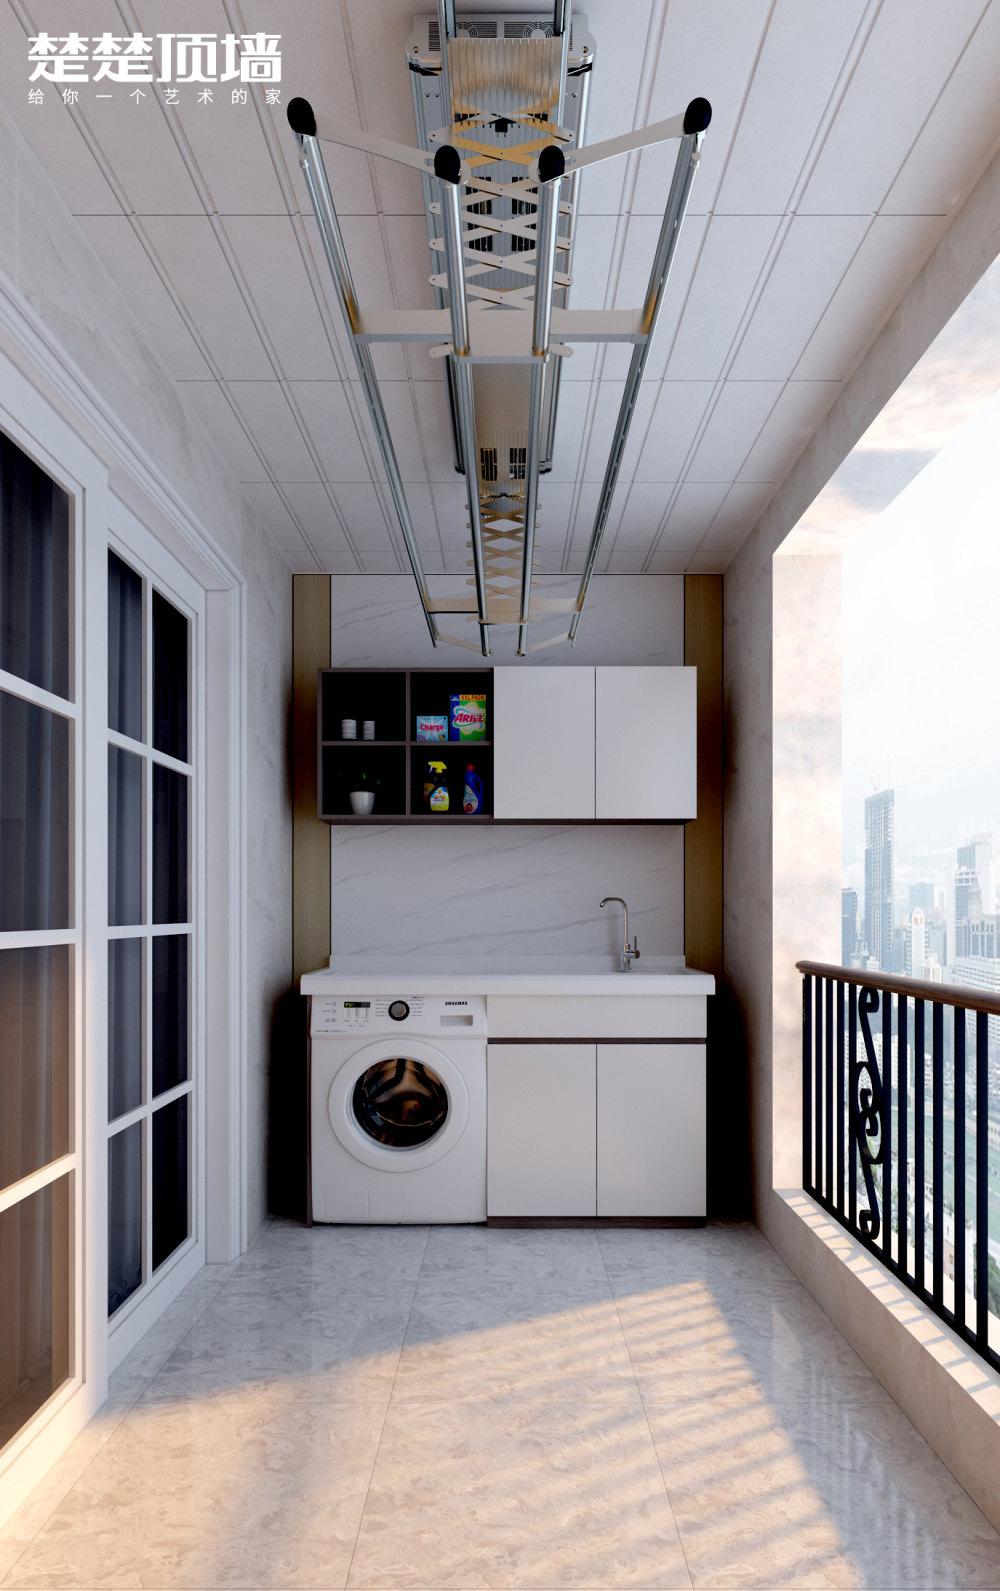 洗衣晾晒阳台